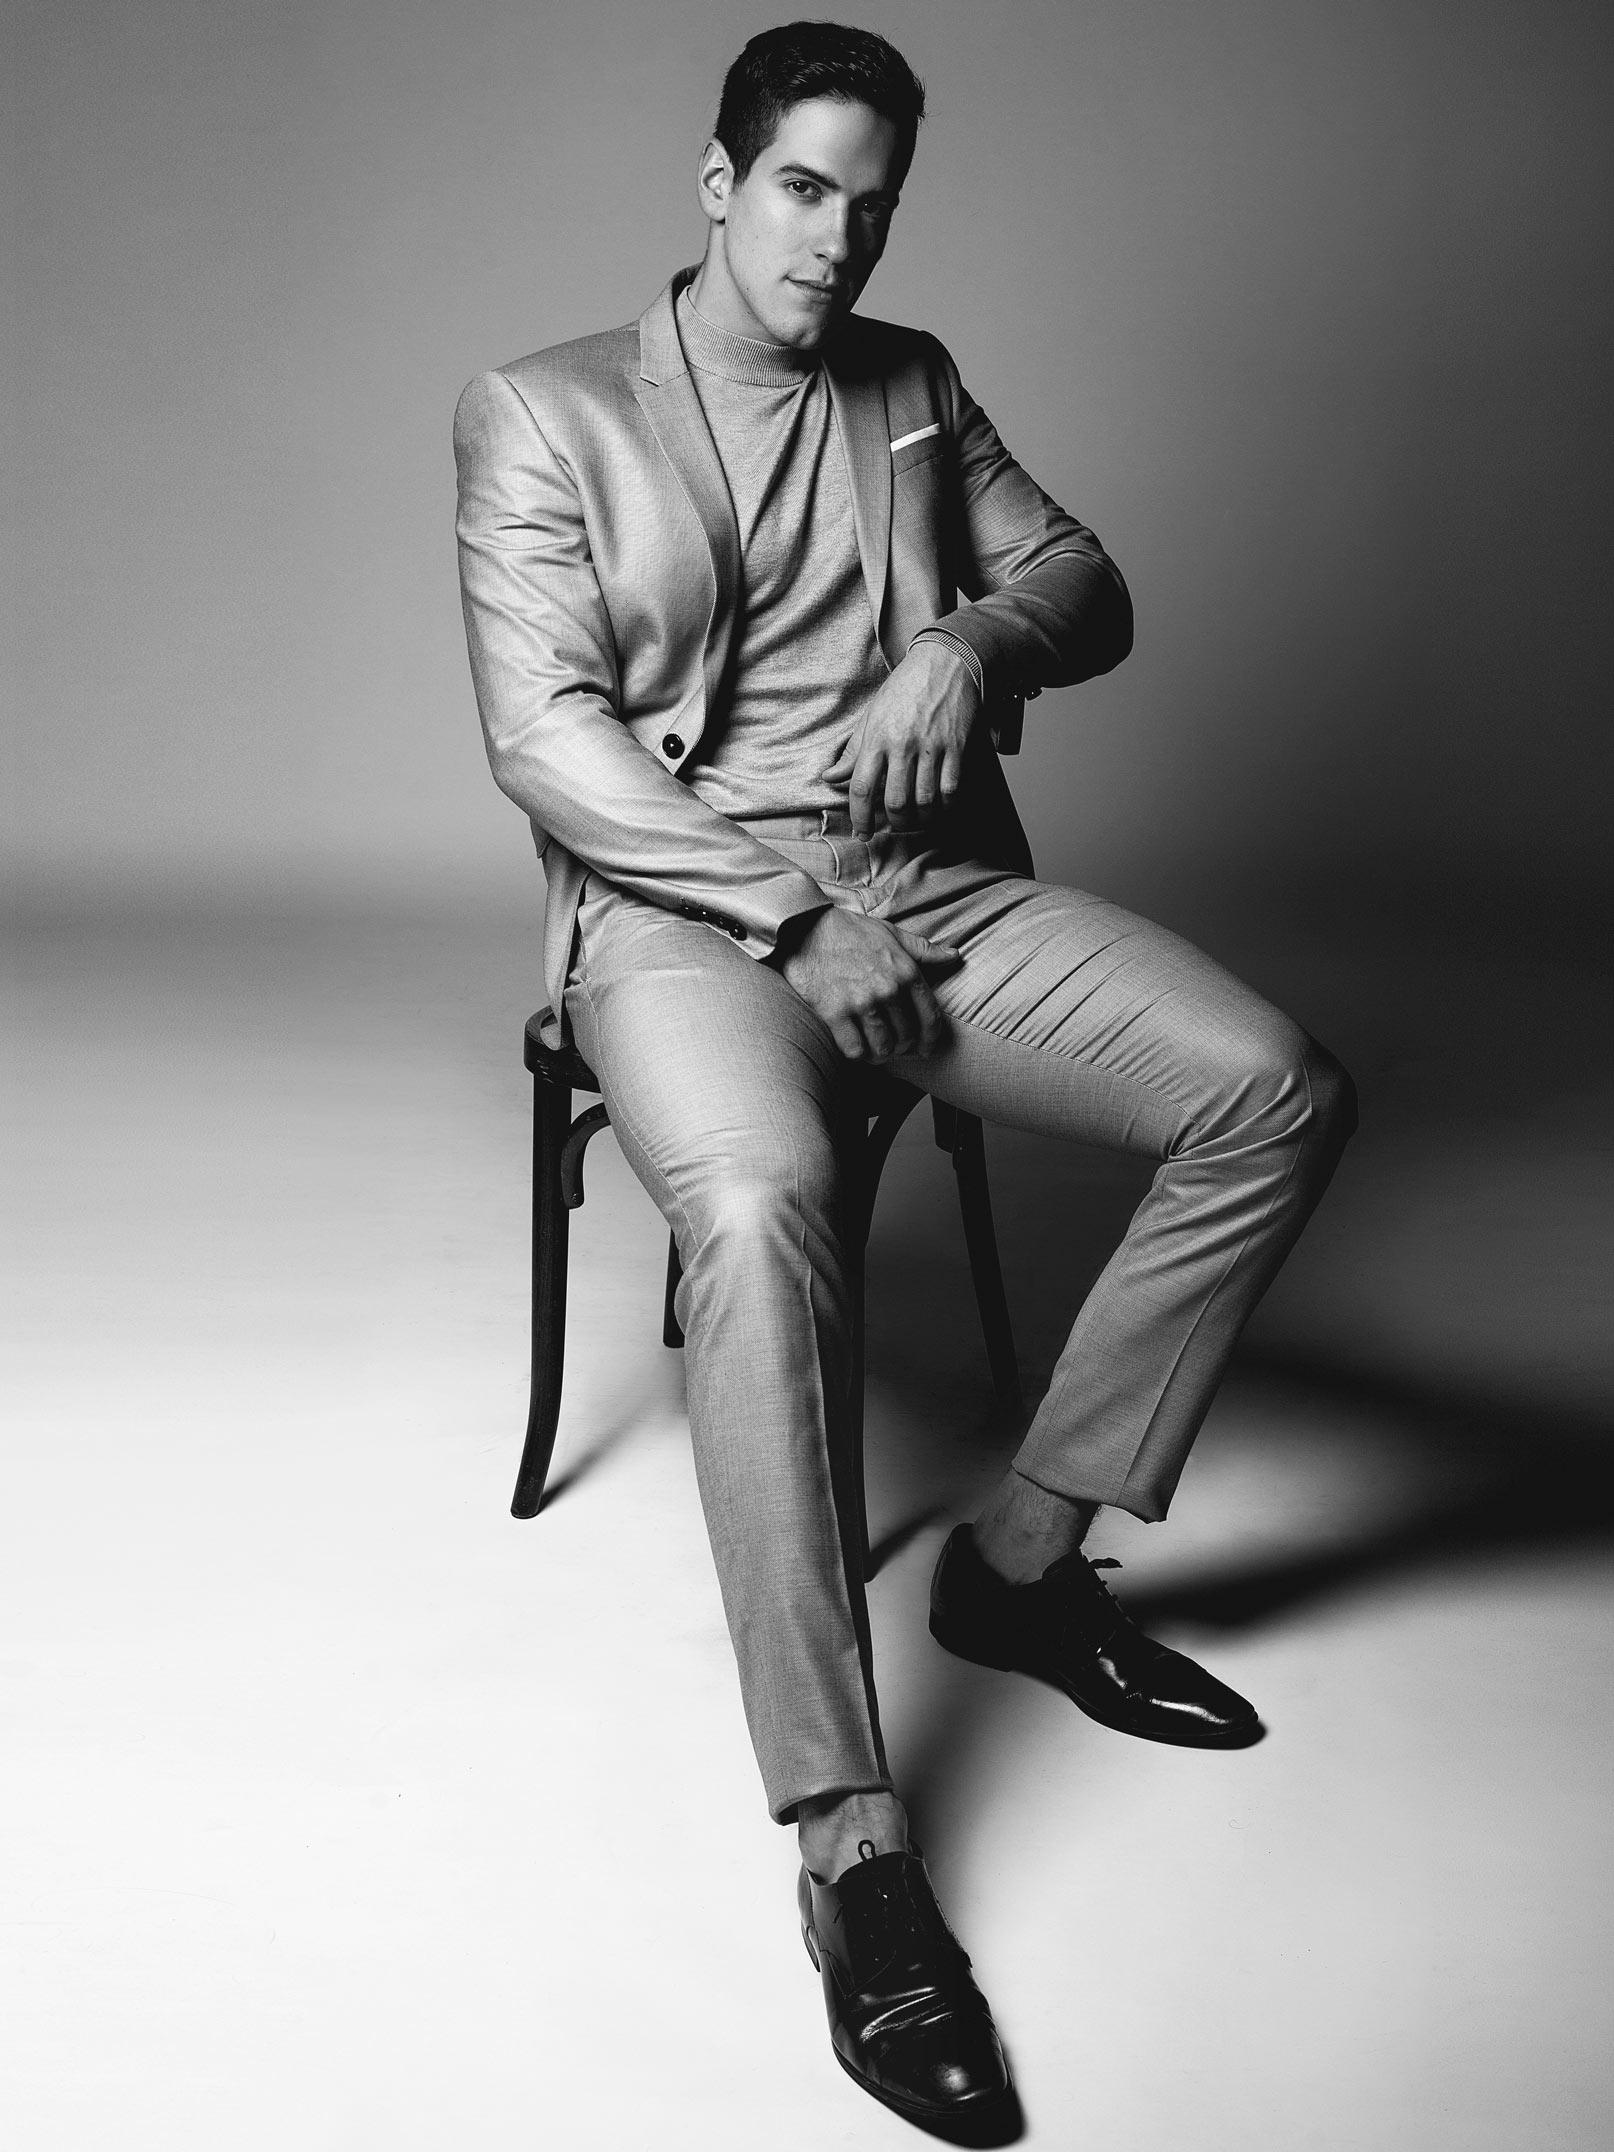 Mathieu Pellerin candidat finaliste à Occupation double Afrique du Sud et mannequin dans l'agence Ema à Drummondville.